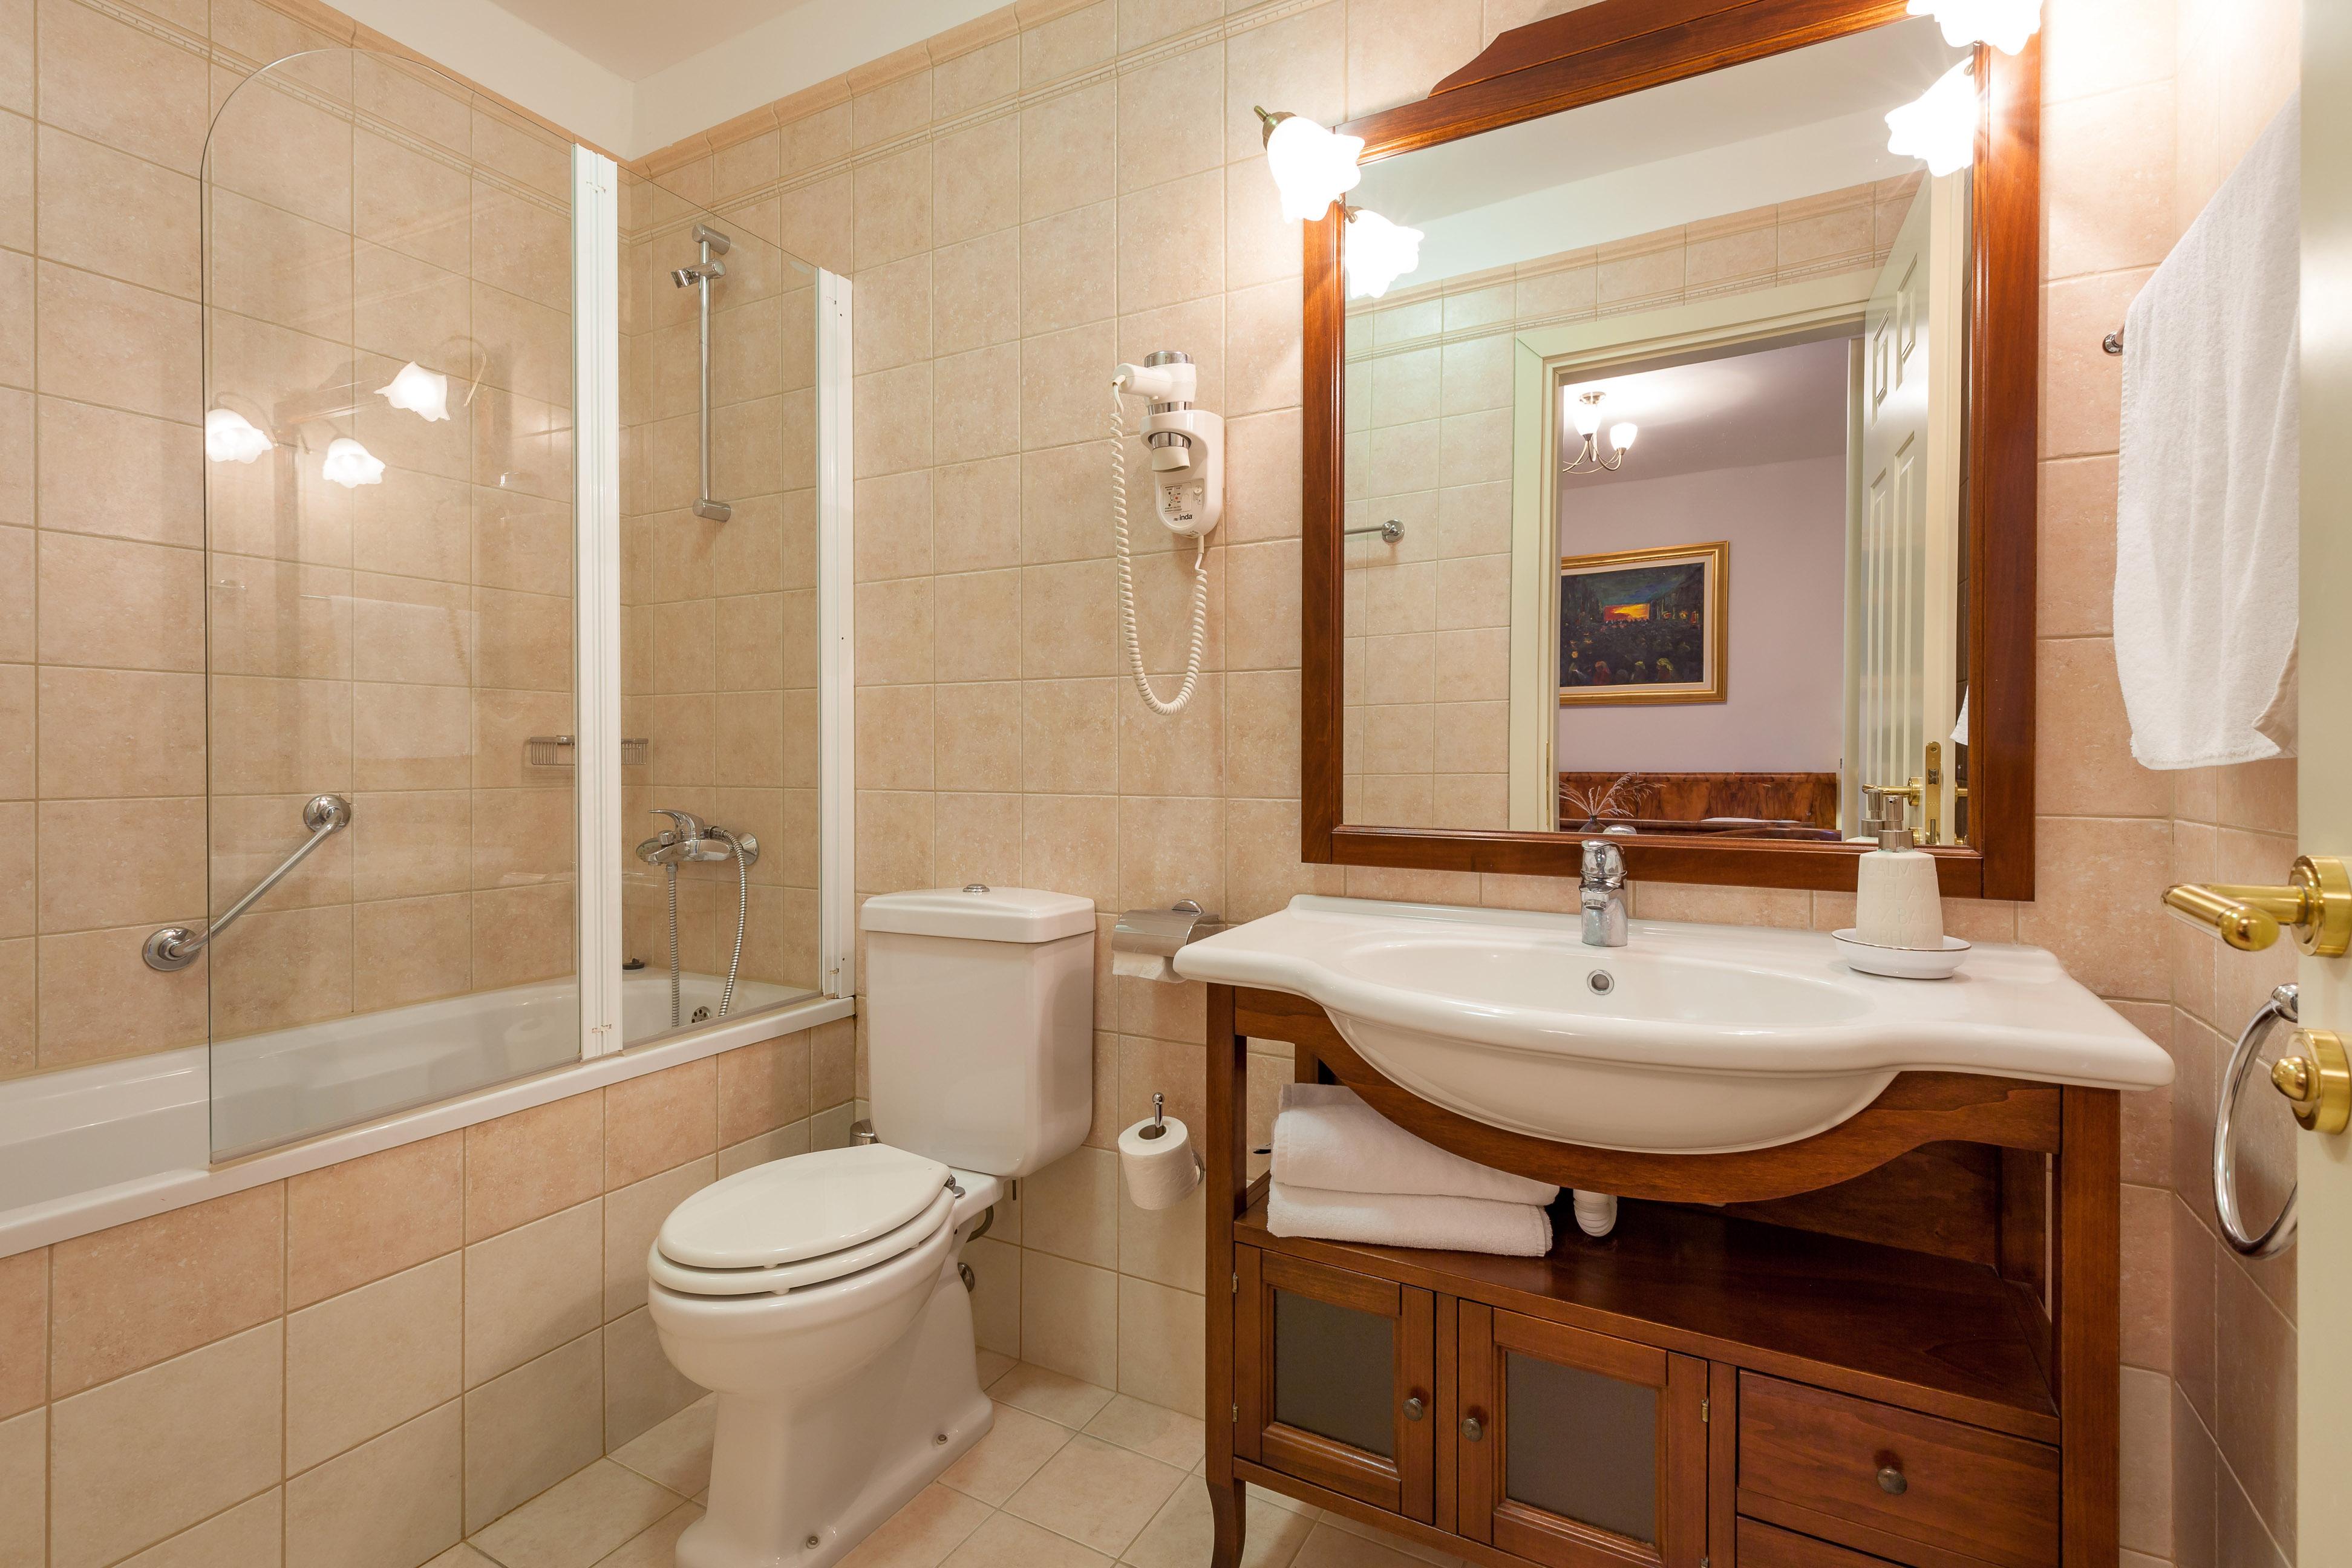 Bathroom in the Villa Mir Vami